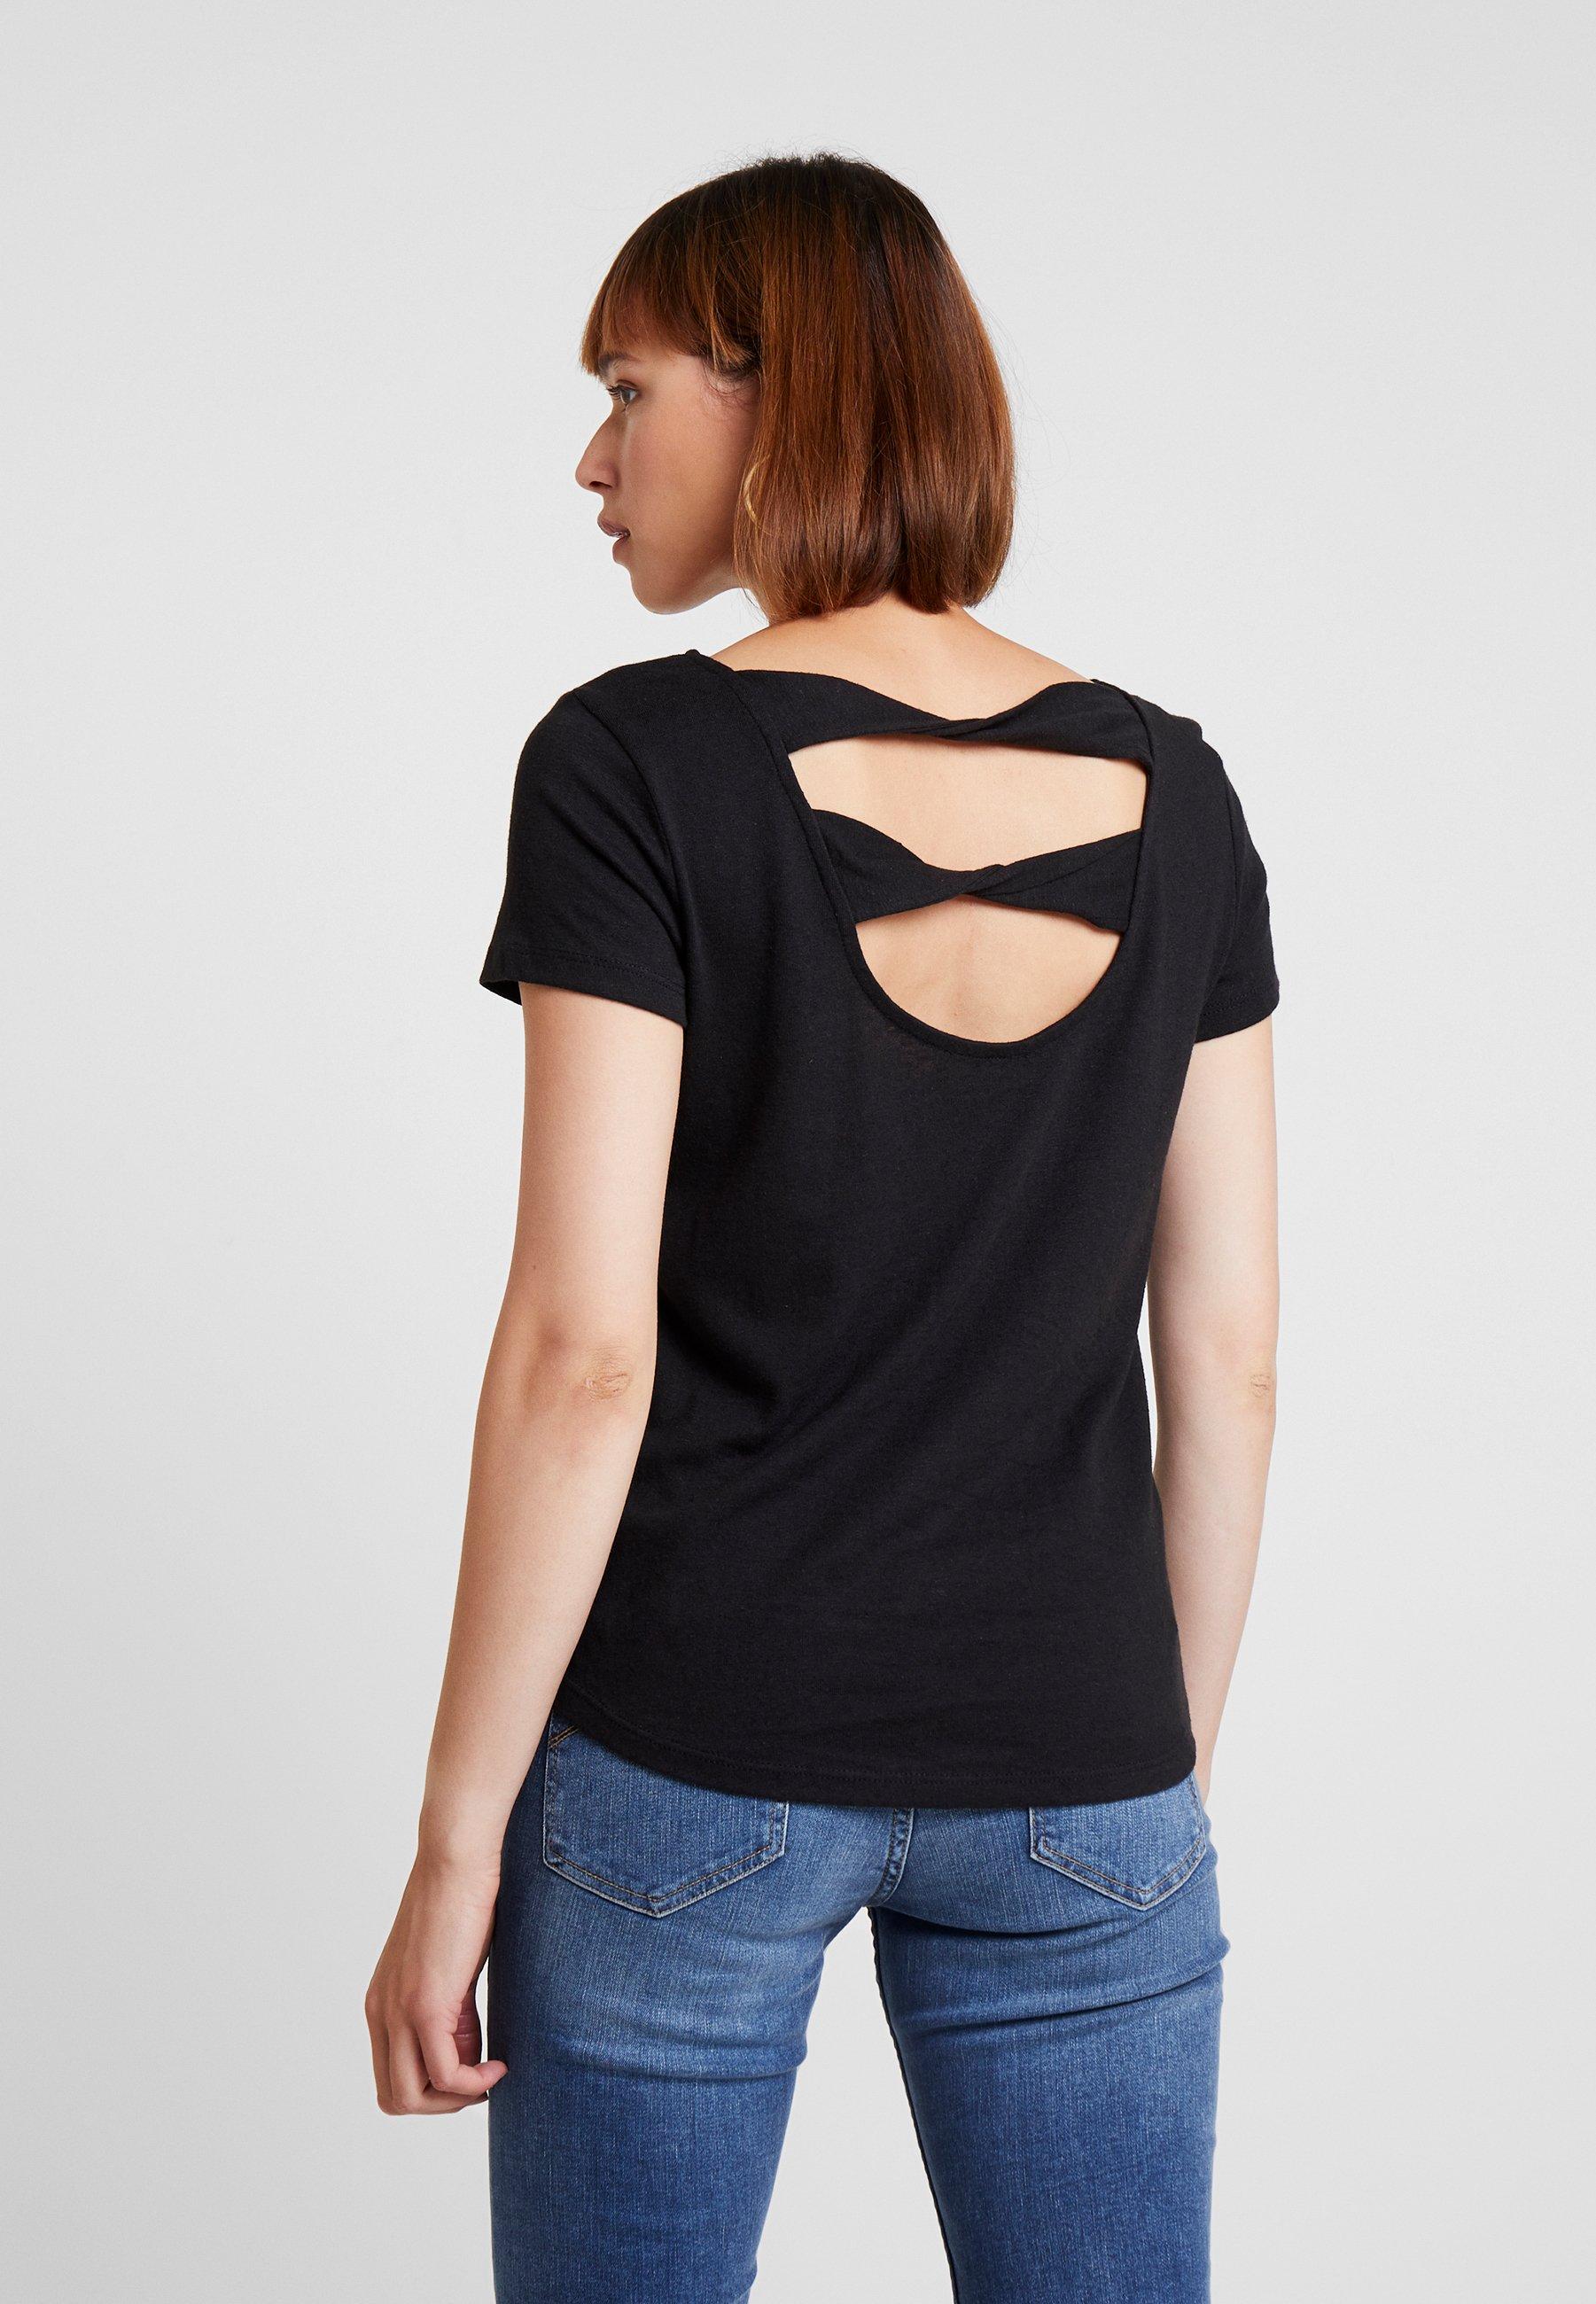 By Twist Black TeeT Imprimé Edc Esprit Back shirt fvYb7I6gy